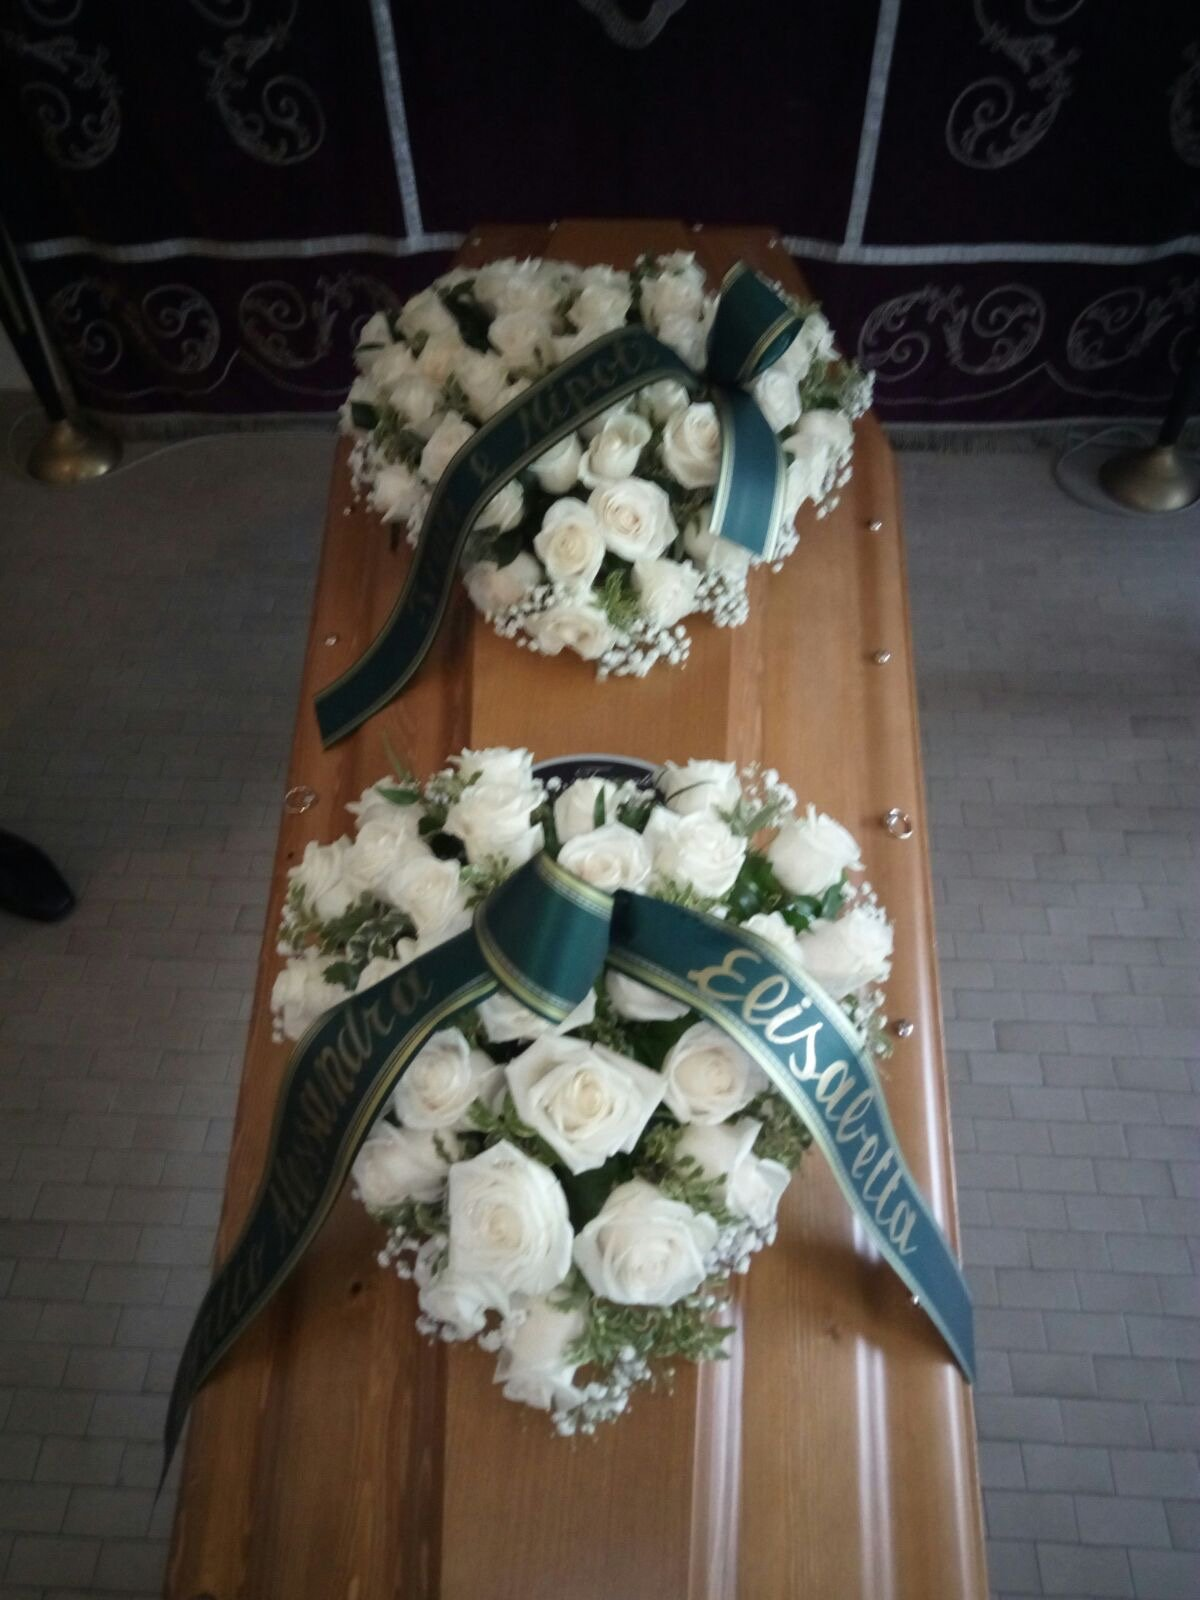 due composizioni di fiori a forma di cuore sopra una bara funebre